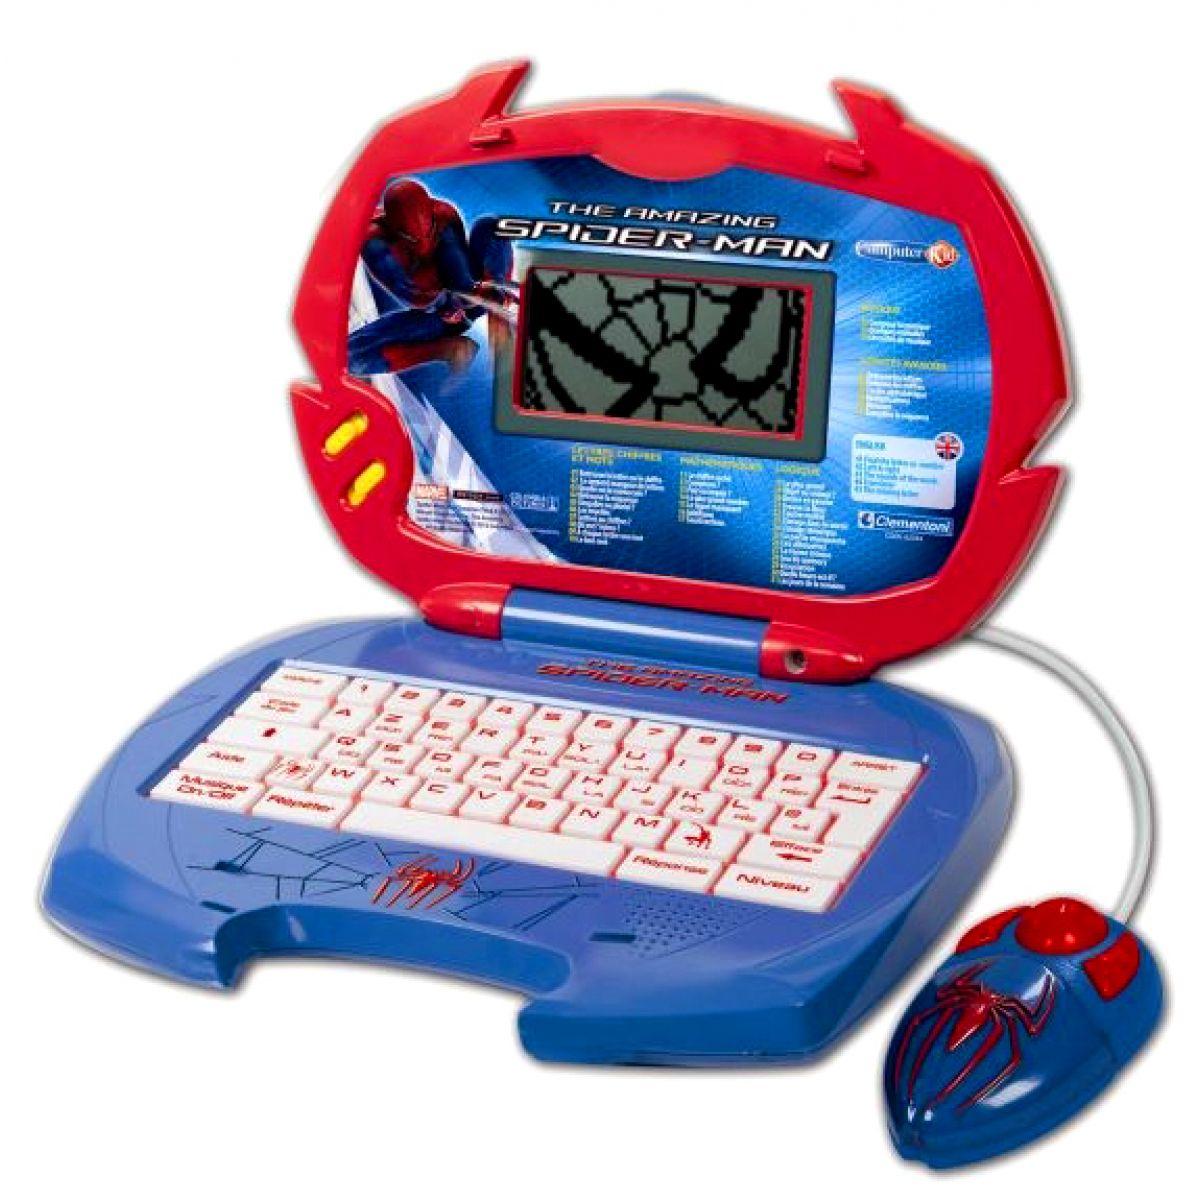 Clementoni Dětský počítač - Spiderman